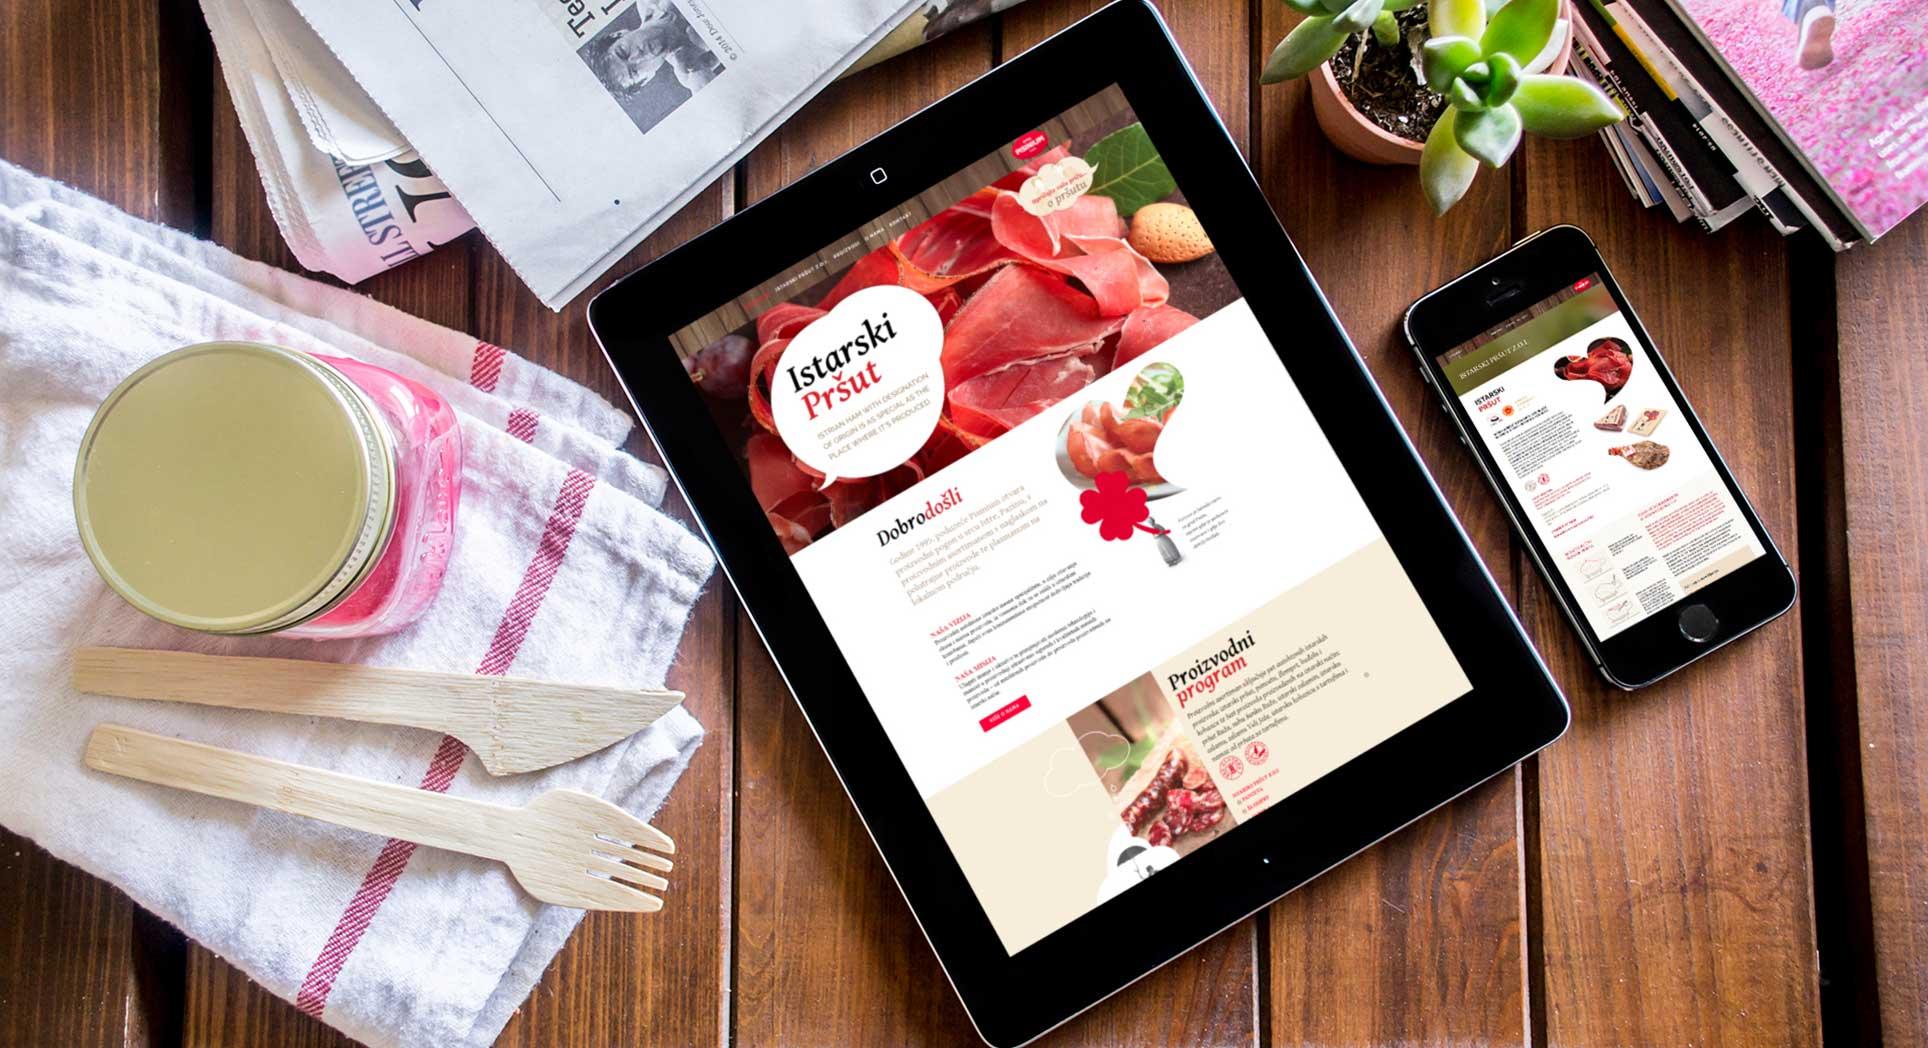 Dizajn internet stranice istarskih suhomesnatih proizvoda Pisinium